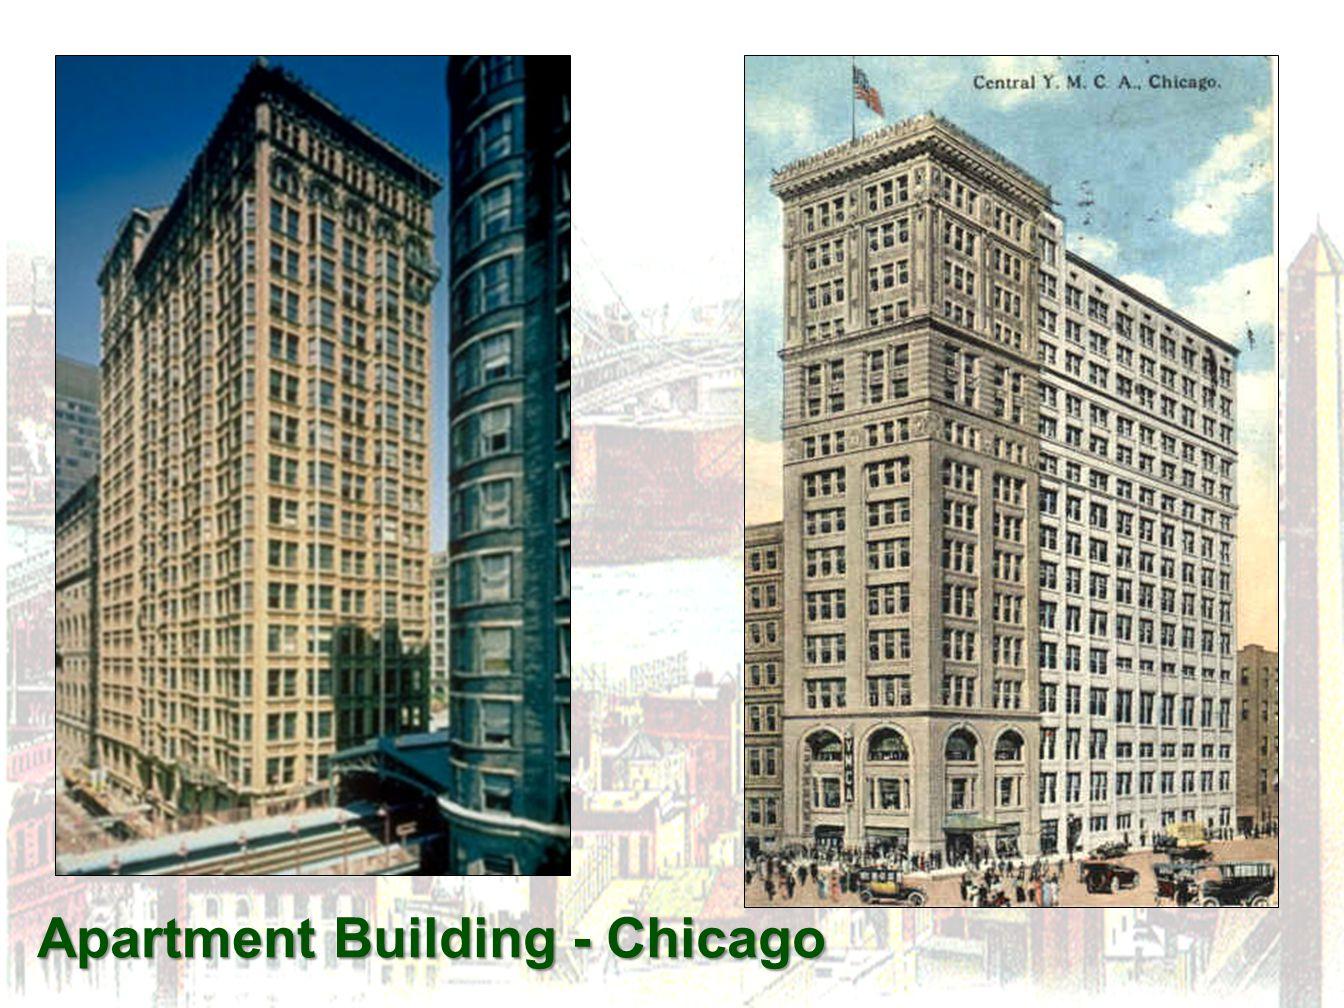 Apartment Building - Chicago